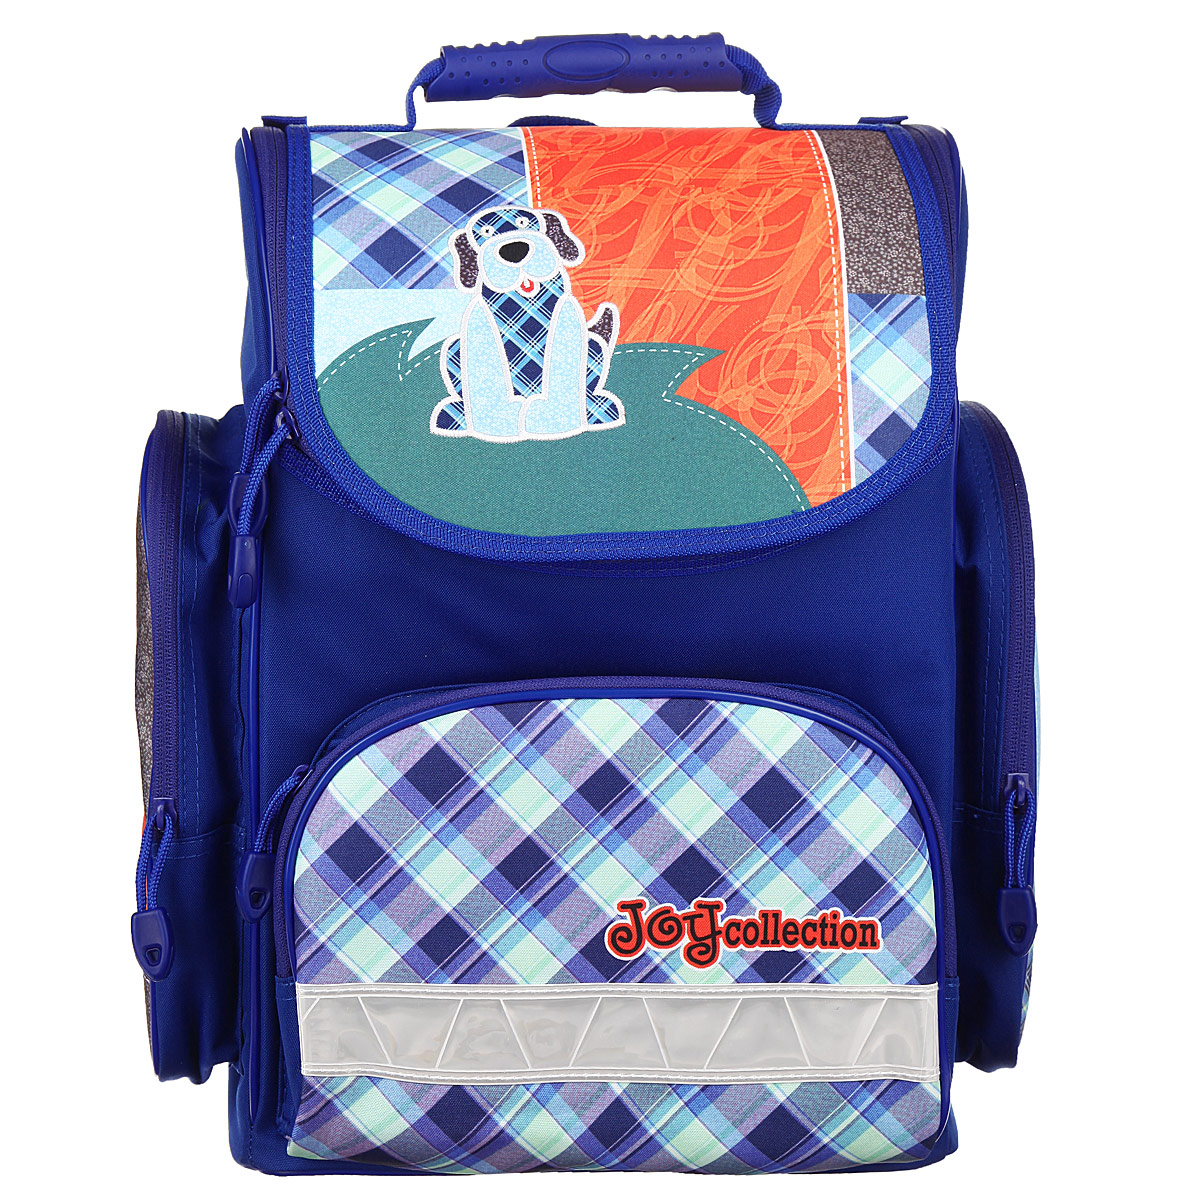 Ранец школьный Tiger Family Joy Collection, цвет: синий, голубой, оранжевый3901/TG_синийРанец школьный Tiger Family Joy Collection идеально подойдет для школьников.Ранец выполнен из прочного и водонепроницаемого материала синего, голубого и оранжевого цветов. Изделие оформлено изображением в виде забавной собачки.Содержит одно вместительное отделение, закрывающееся на застежку-молнию с двумя бегунками. Внутри отделения имеются две мягких перегородки для тетрадей или учебников. Крышка полностью откидывается, что существенно облегчает пользование ранцем. На внутренней части крышки находится прозрачный пластиковый кармашек, в который можно поместить данные о владельце ранца. Ранец имеет два боковых накладных кармана на молнии. Лицевая сторона ранца оснащена накладным карманом на застежке-молнии.Спинка ранца достаточно твердая. В нижней части спины расположен поясничный упор - небольшой валик, на который при правильном ношении ранца будет приходиться основная нагрузка. Ранец оснащен ручкой с пластиковой насадкой для удобной переноски в руке и петлей для подвешивания. Мягкие лямки позволяют легко и быстро отрегулировать ранец в соответствии с ростом ребенка. Дно ранца из износостойкого водонепроницаемого материала легко очищается от загрязнений.Светоотражающие элементы обеспечивают дополнительную безопасность в темное время суток.Многофункциональный школьный ранец станет незаменимым спутником вашего ребенка в походах за знаниями.